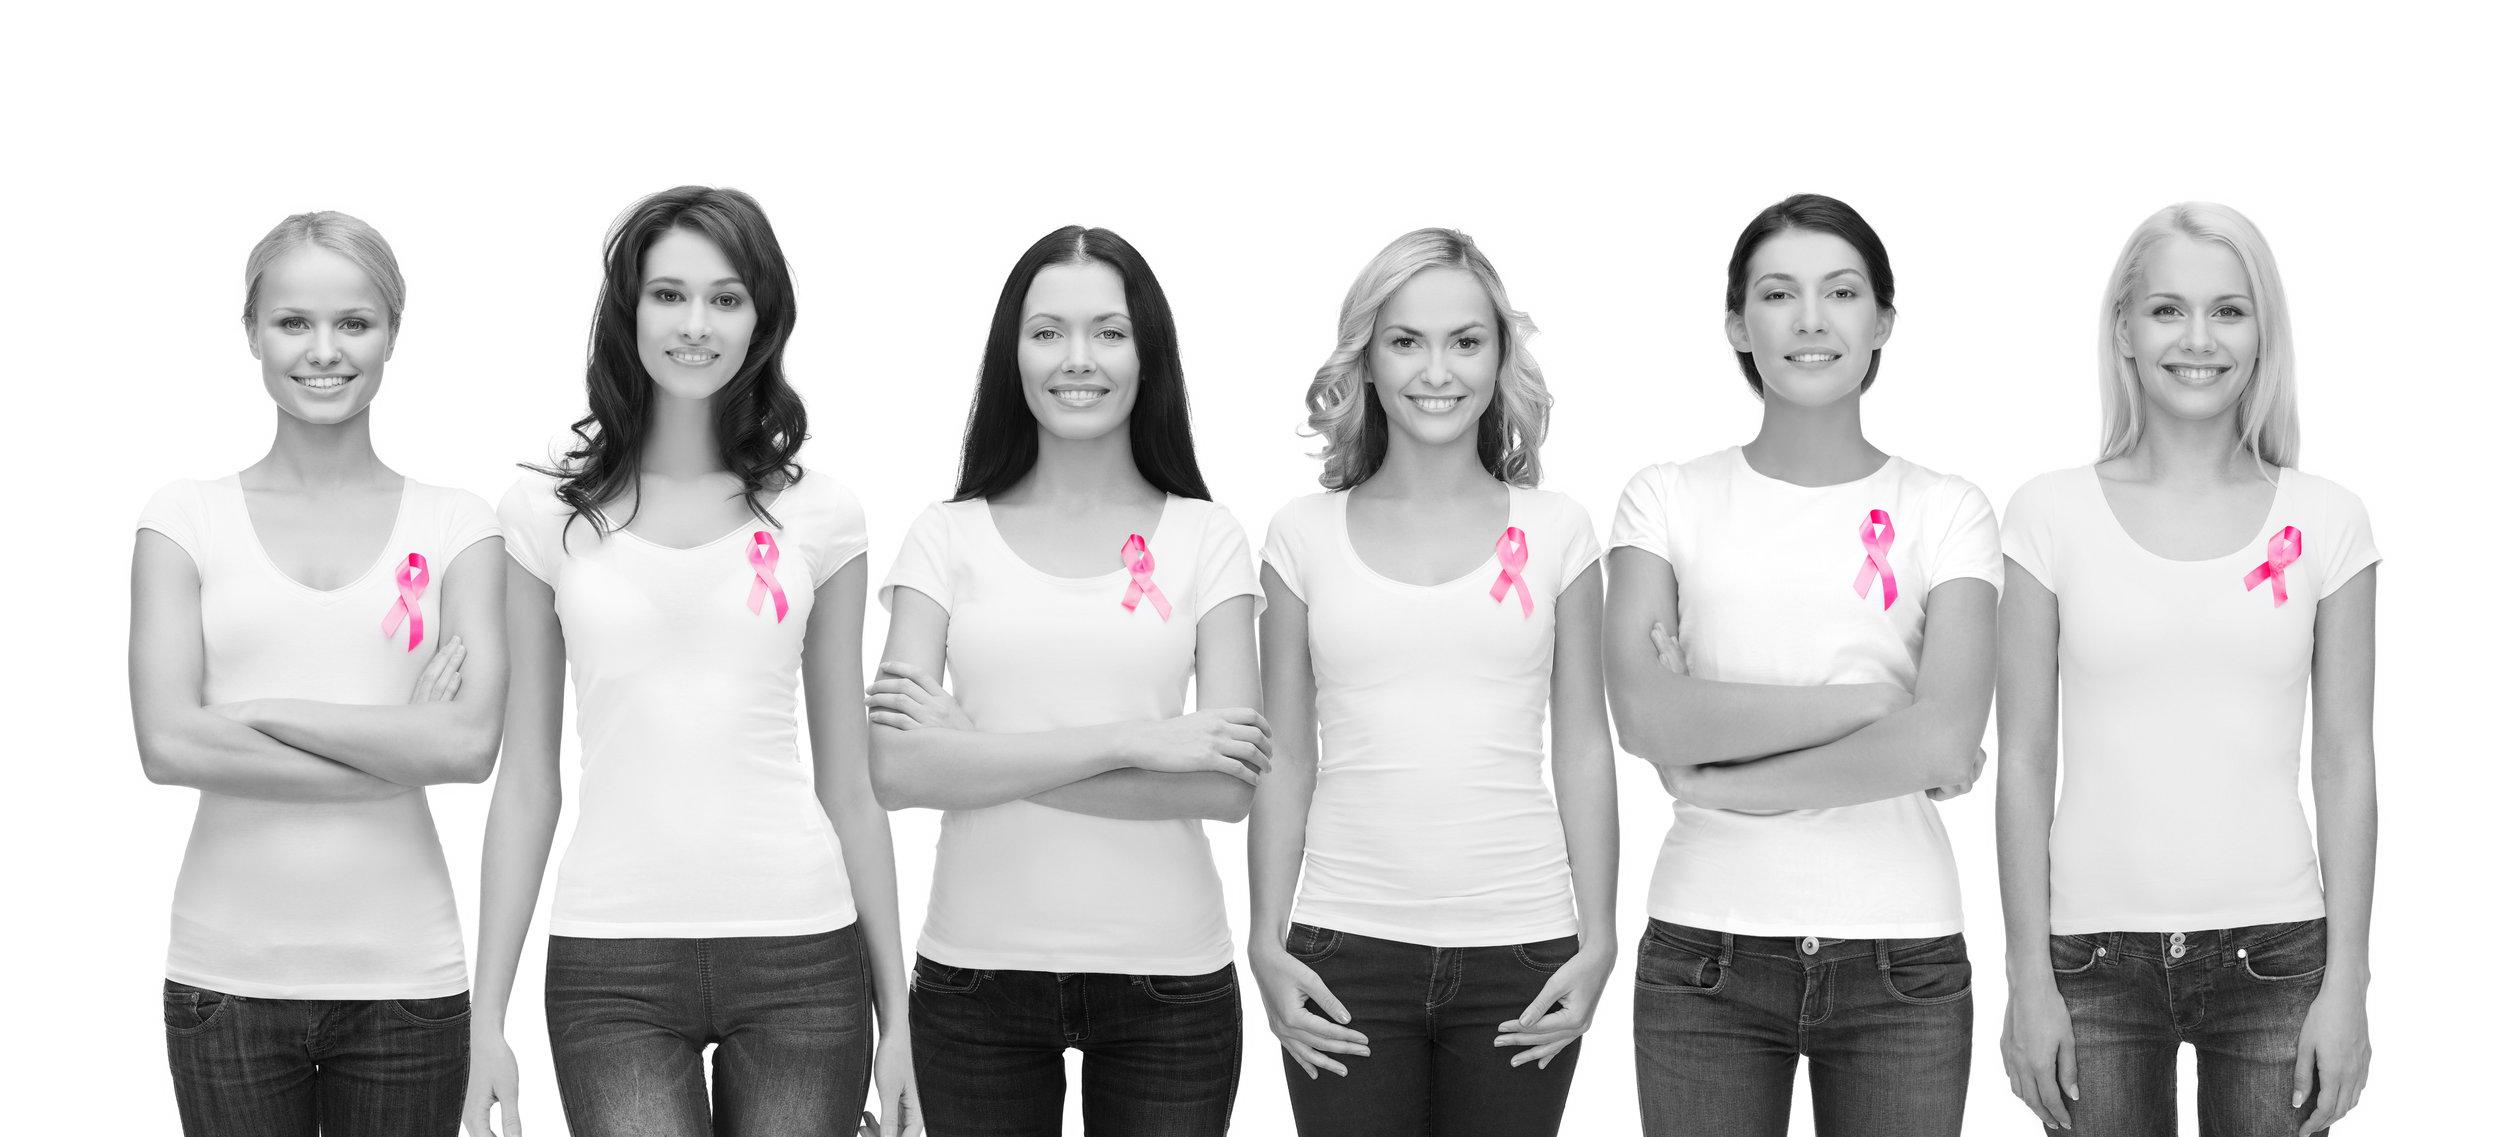 - Un dépistage précoce du cancer du sein augmente les chances de guérison.